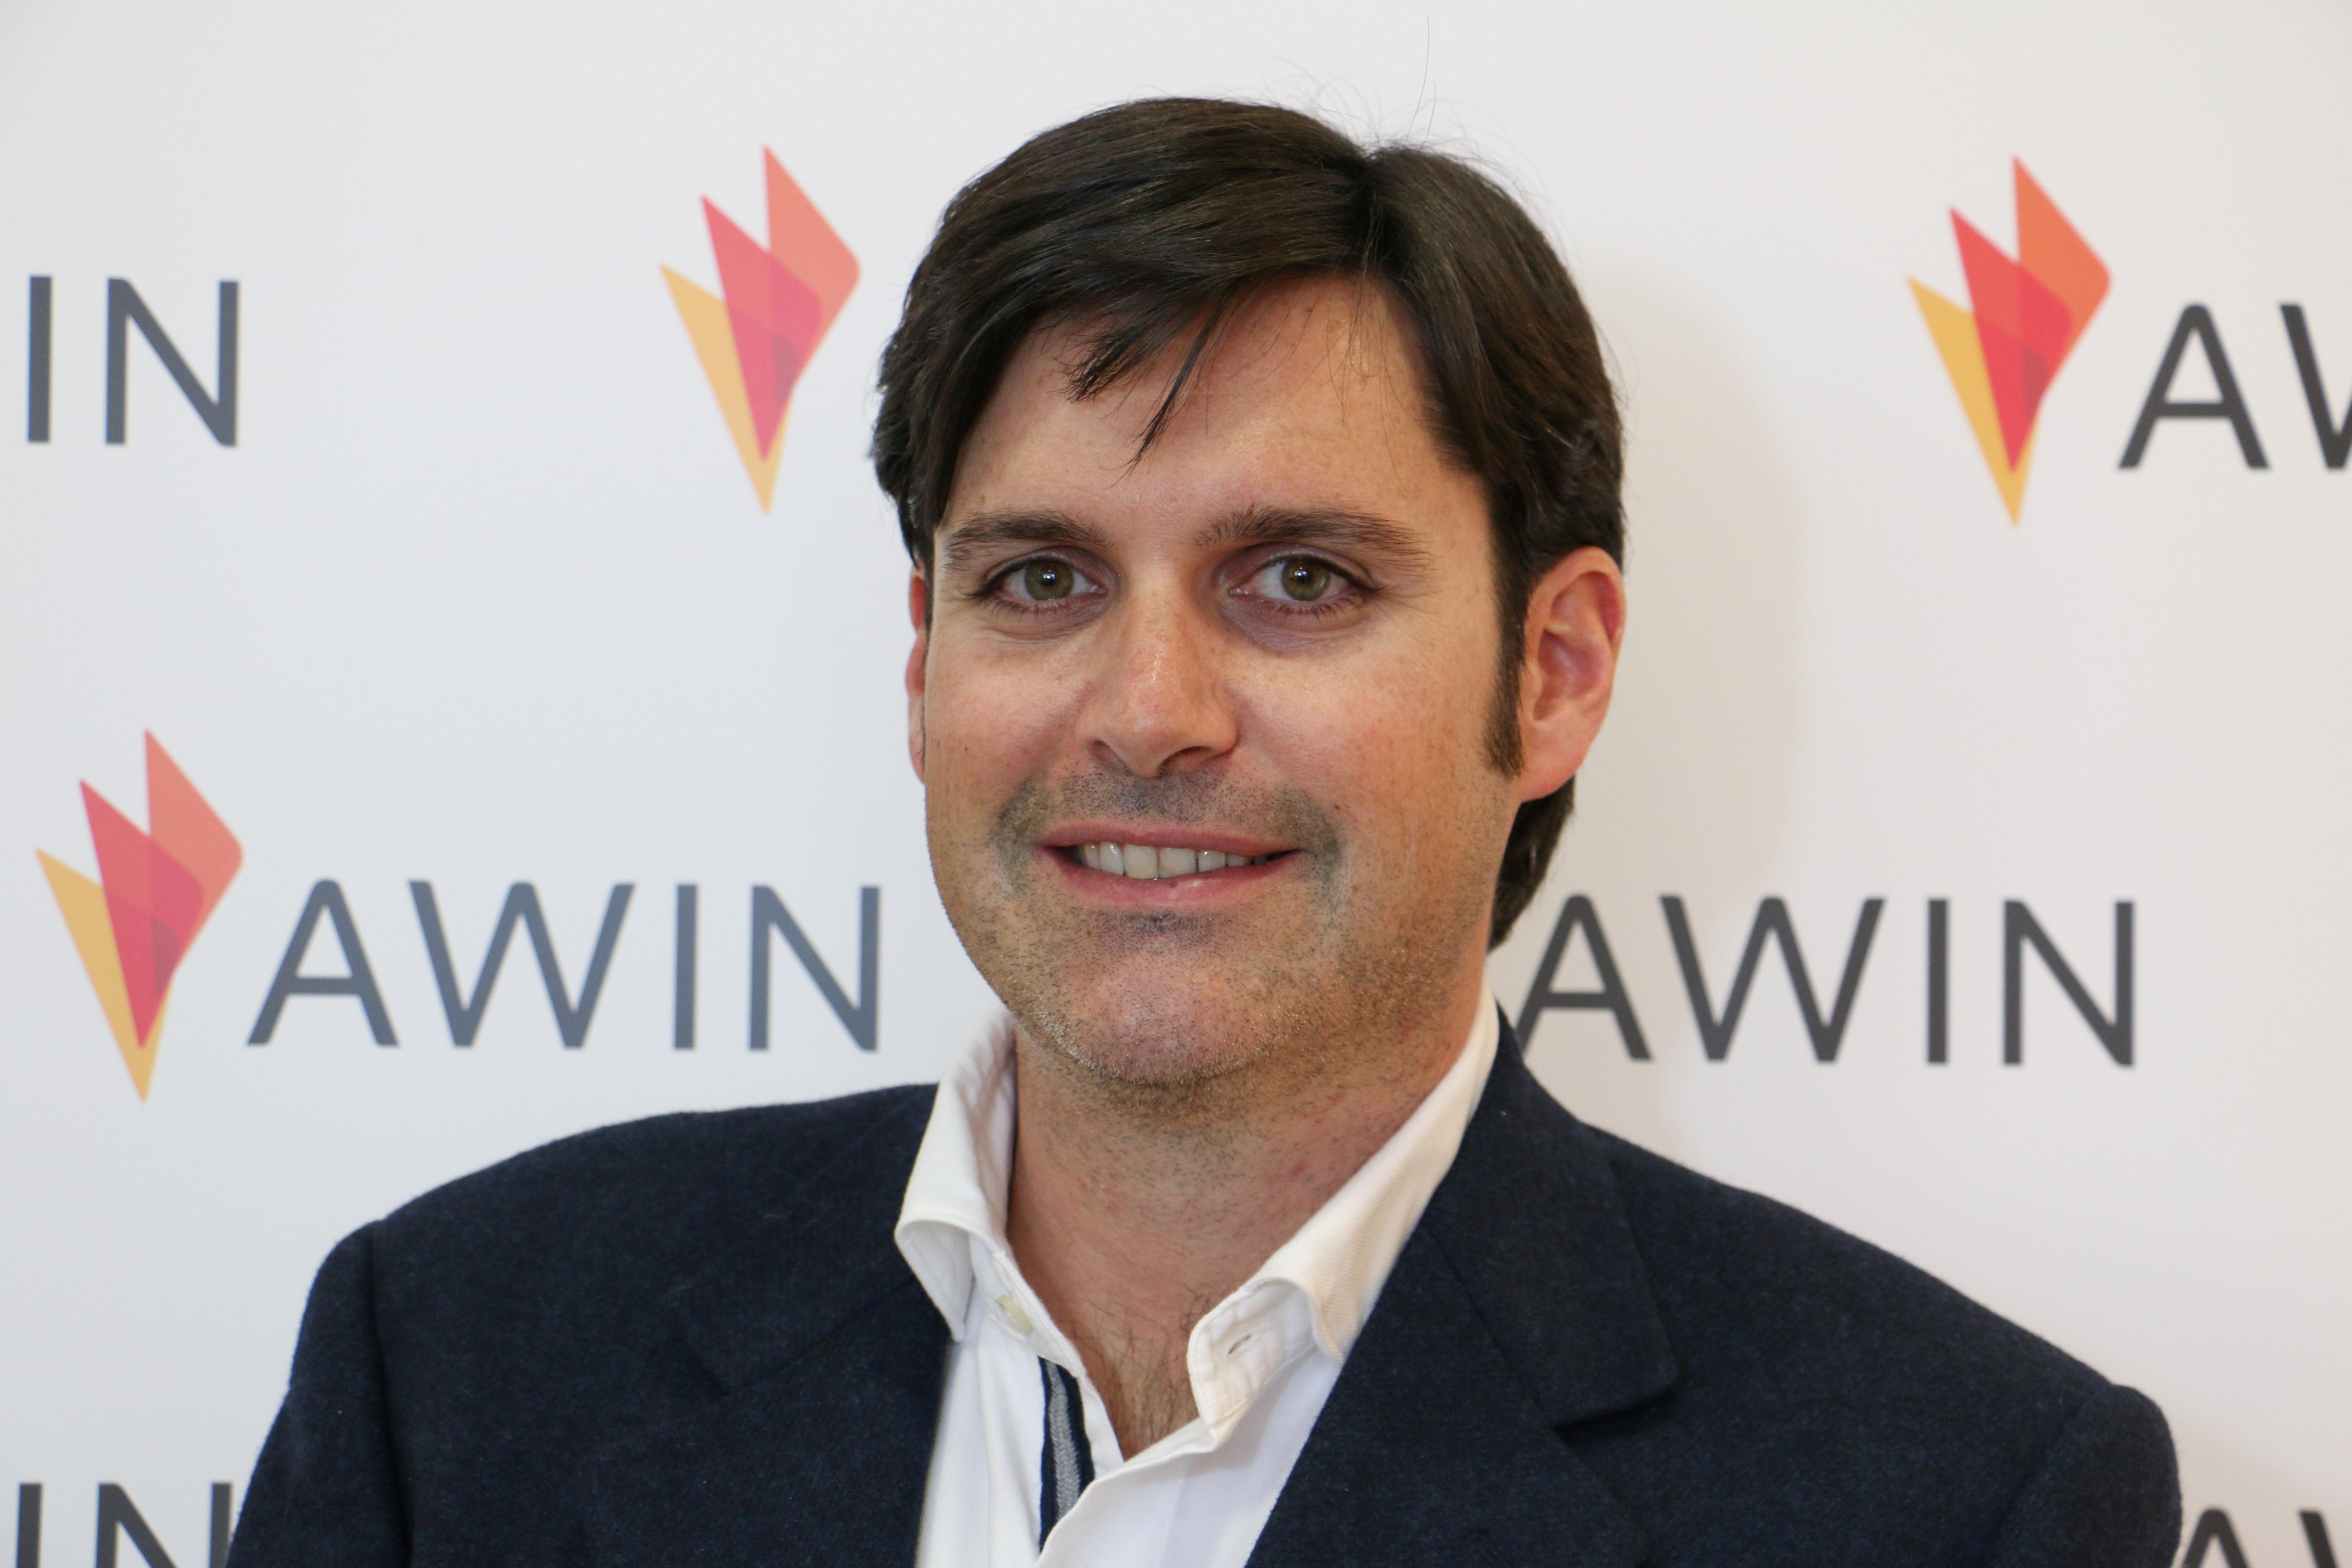 Davide Awin